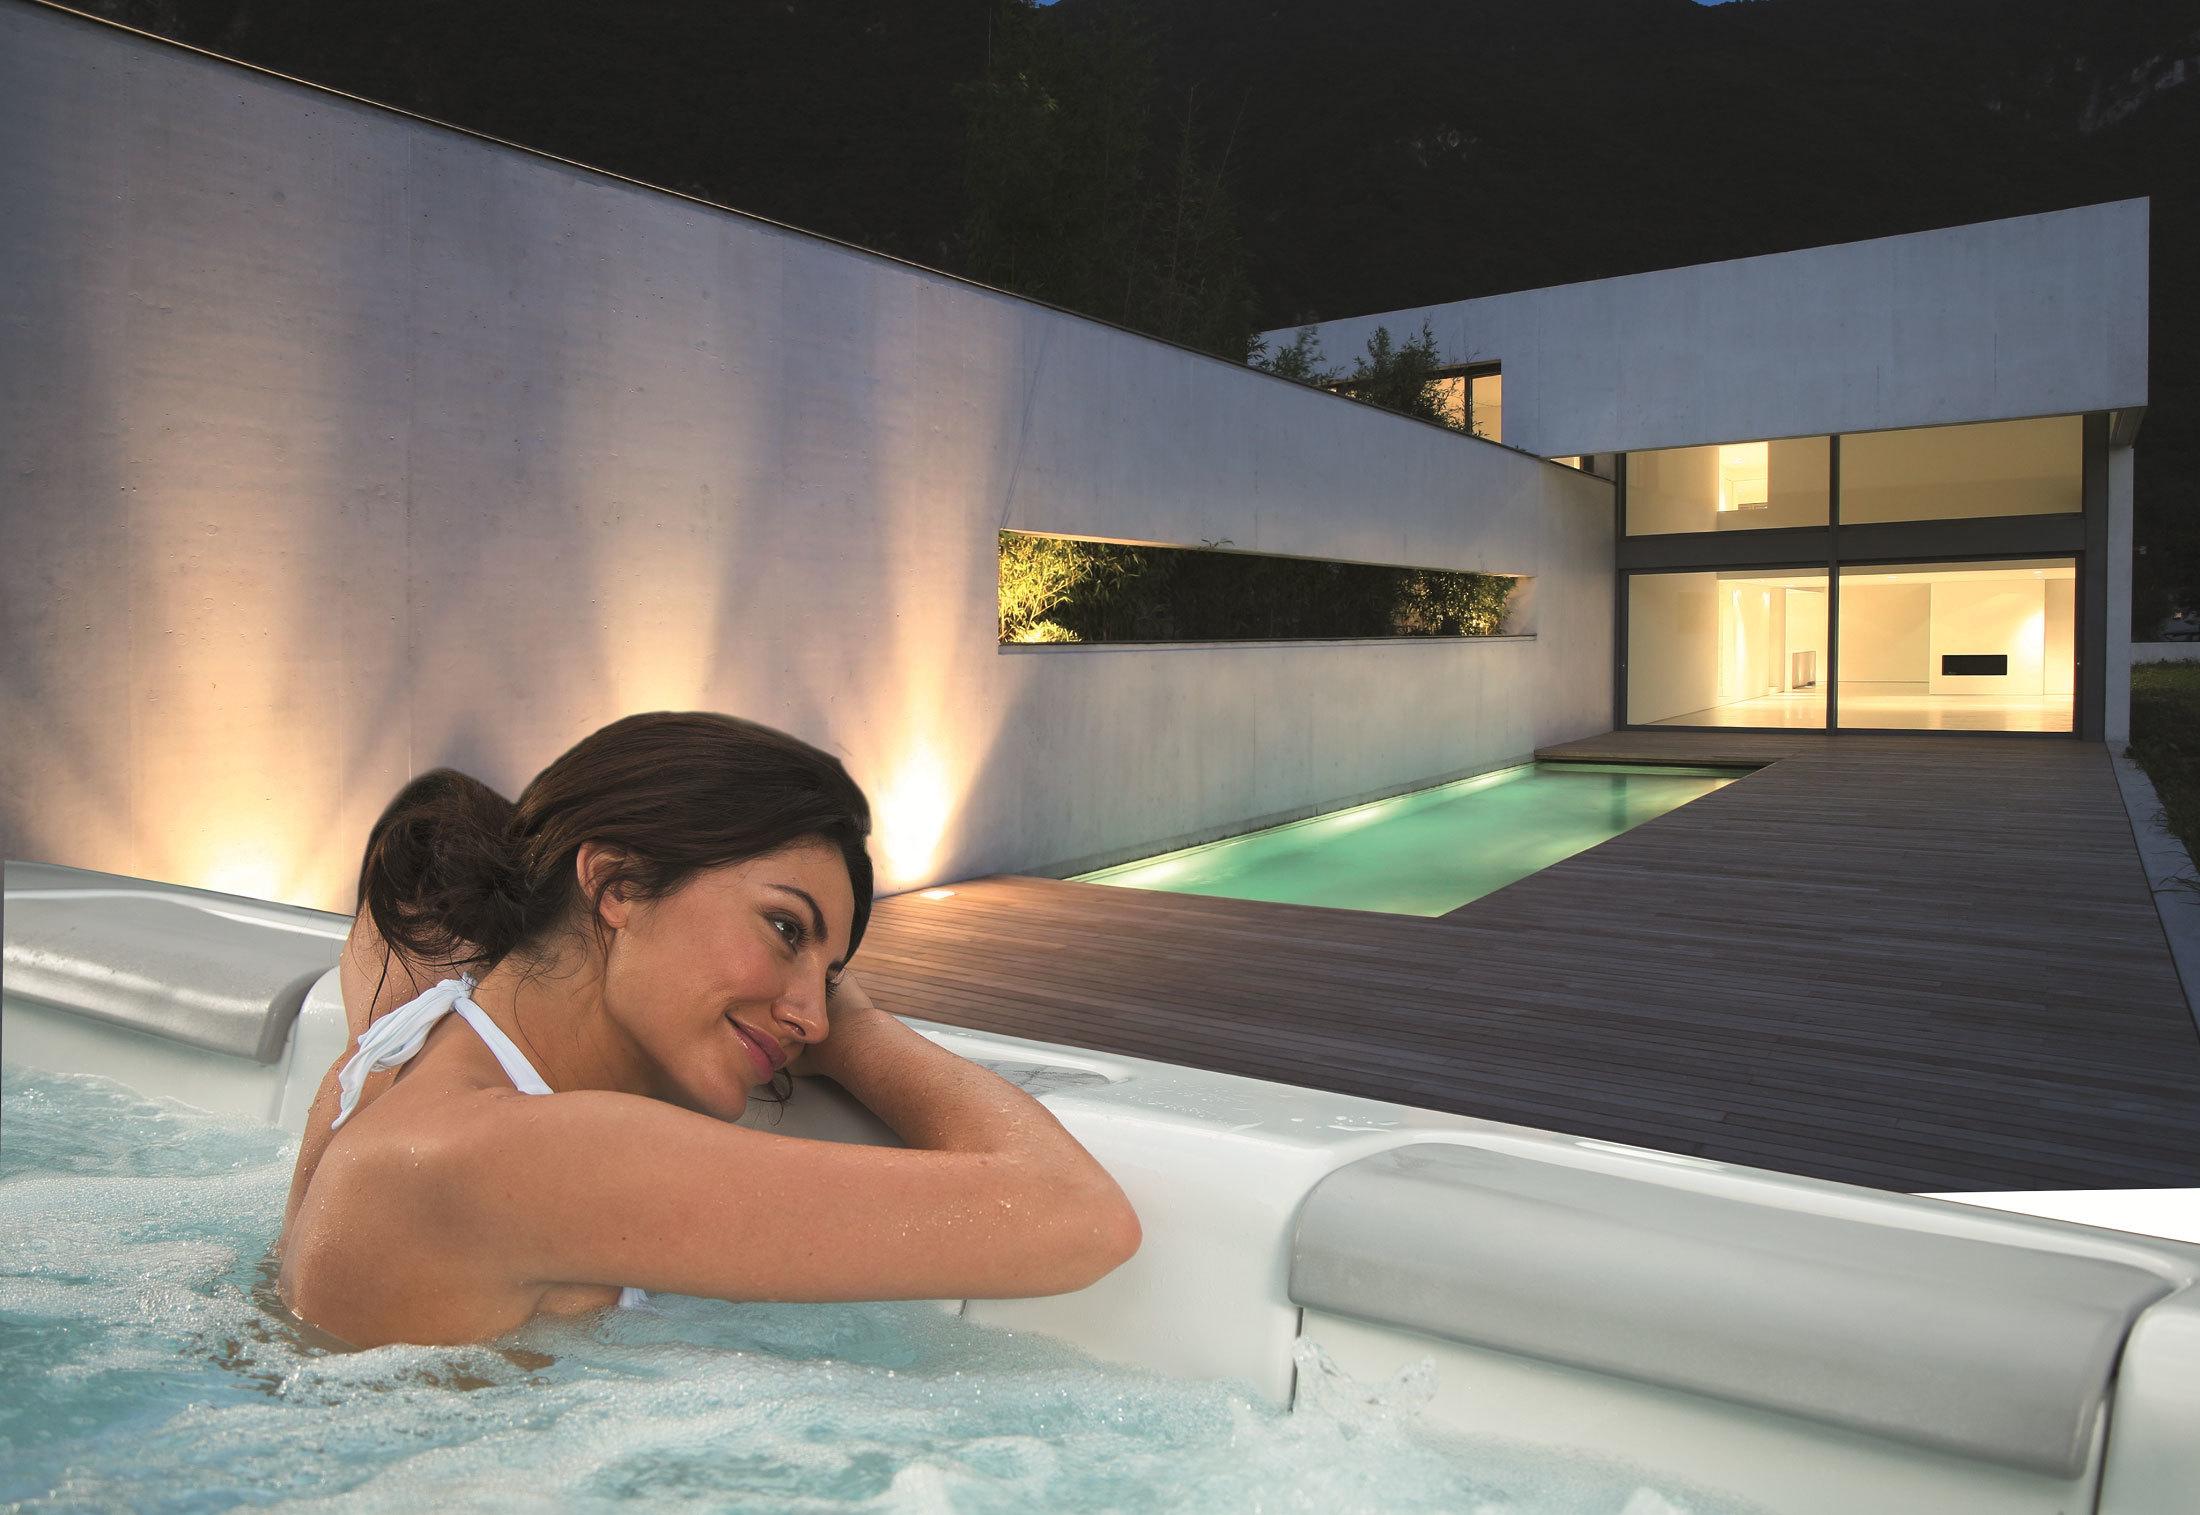 красивый массаж в бассейне - 12